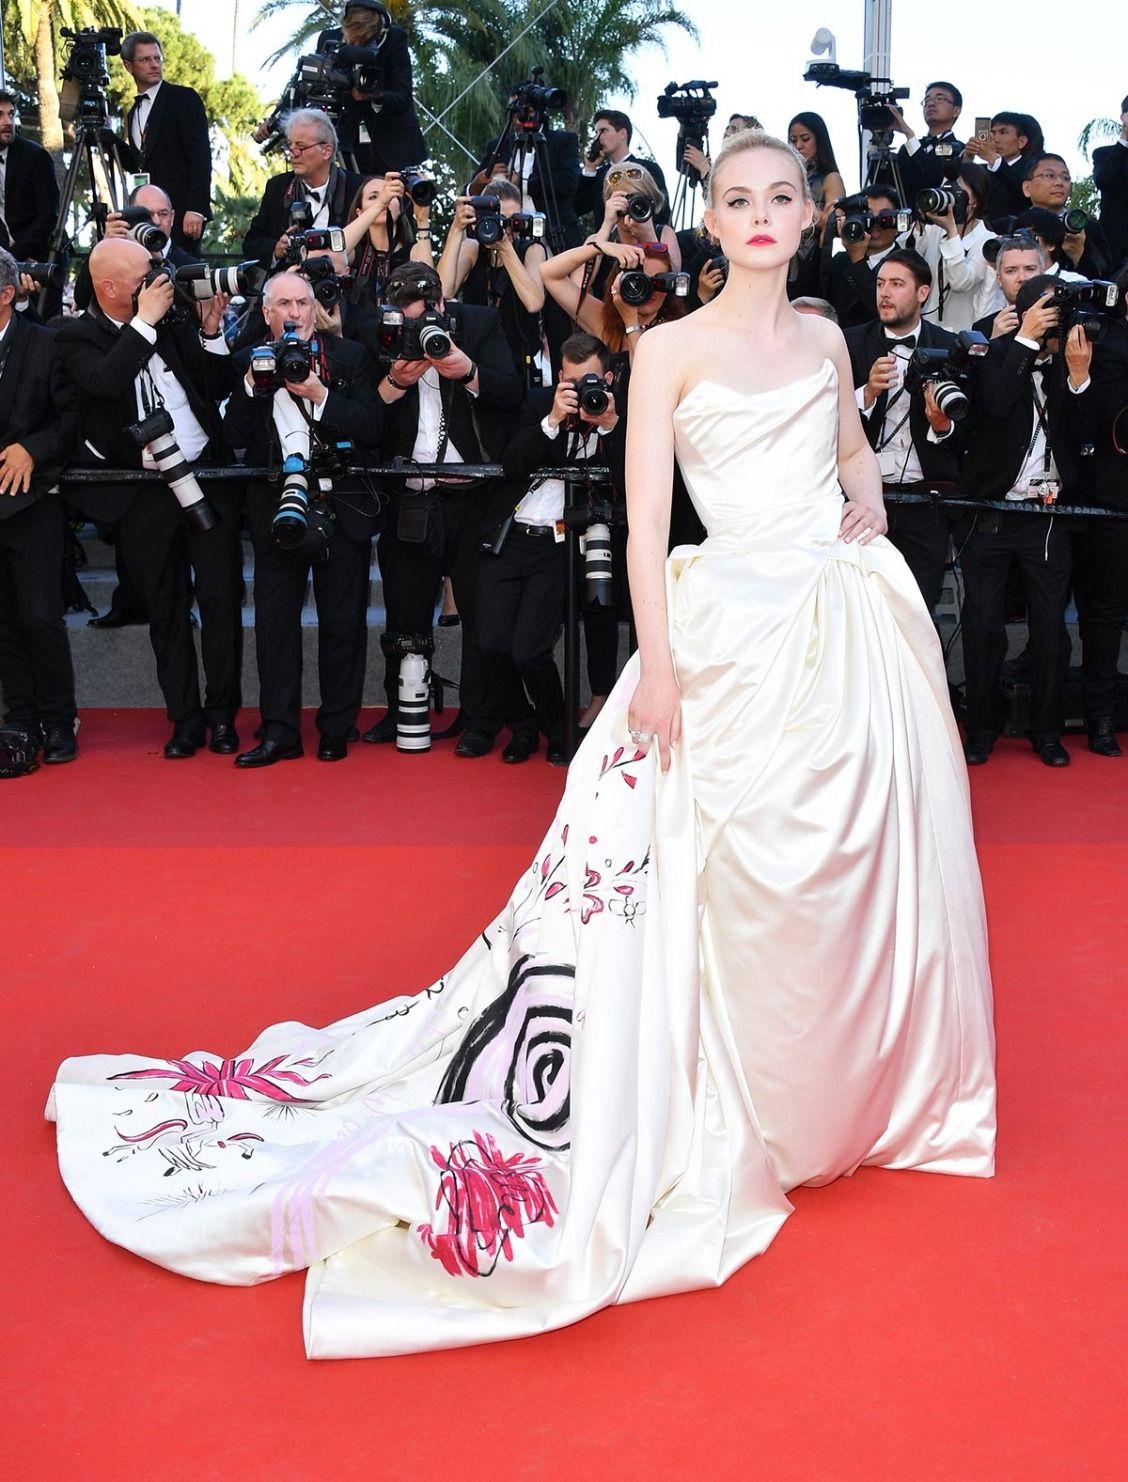 Elle Fanning diện đầm trắng Vivienne Westwood tại thảm đỏ Cannes 2017